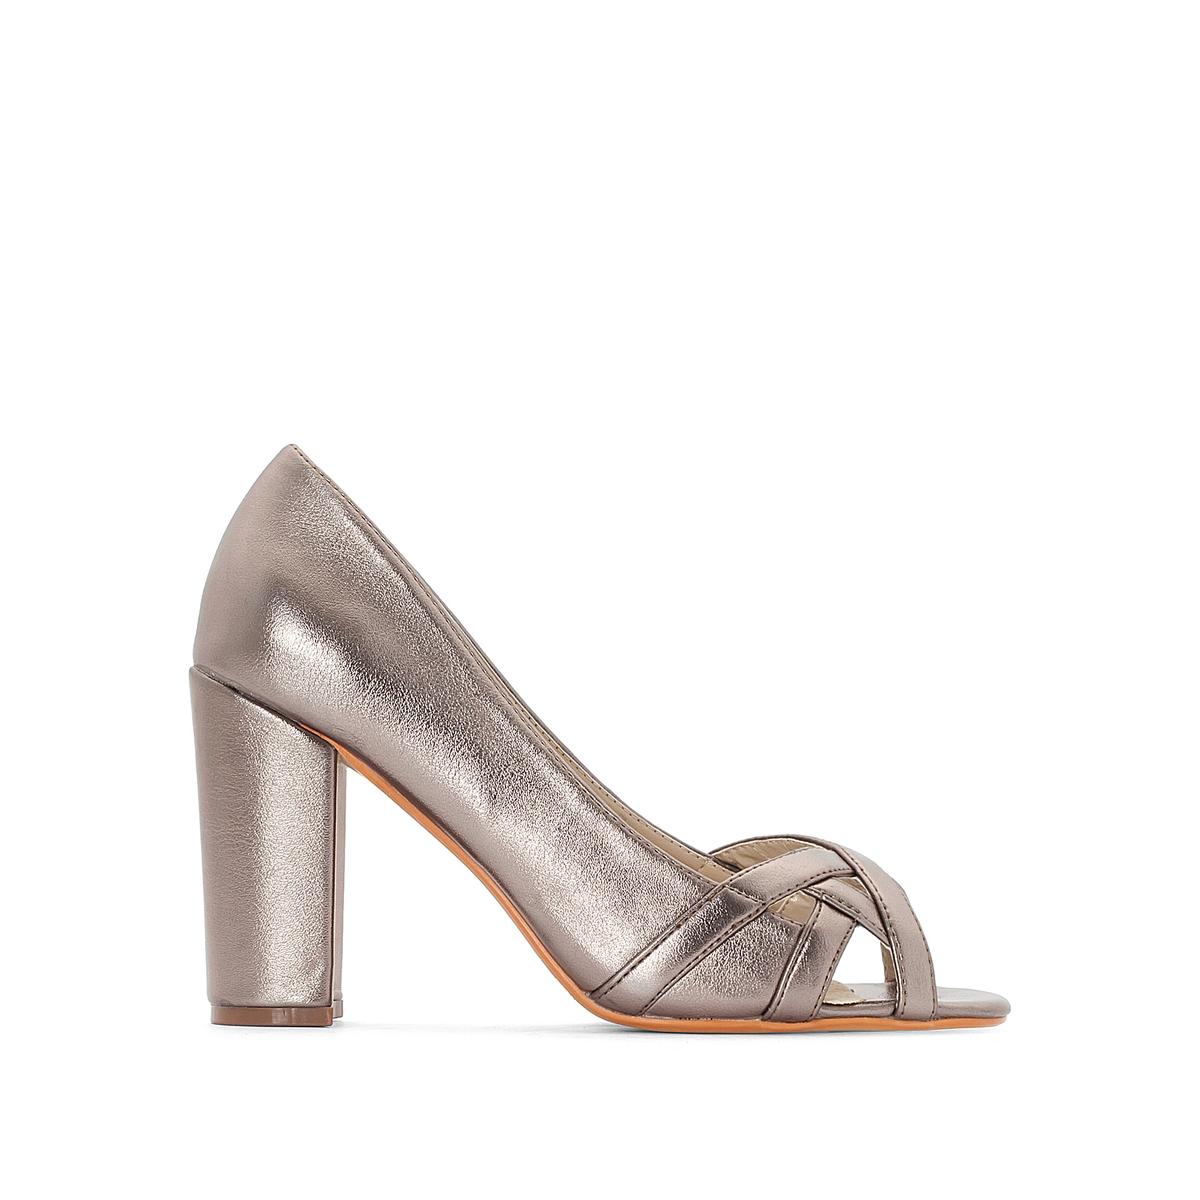 Zapatos de tacón metalizados, pie ancho, del 38 al 45